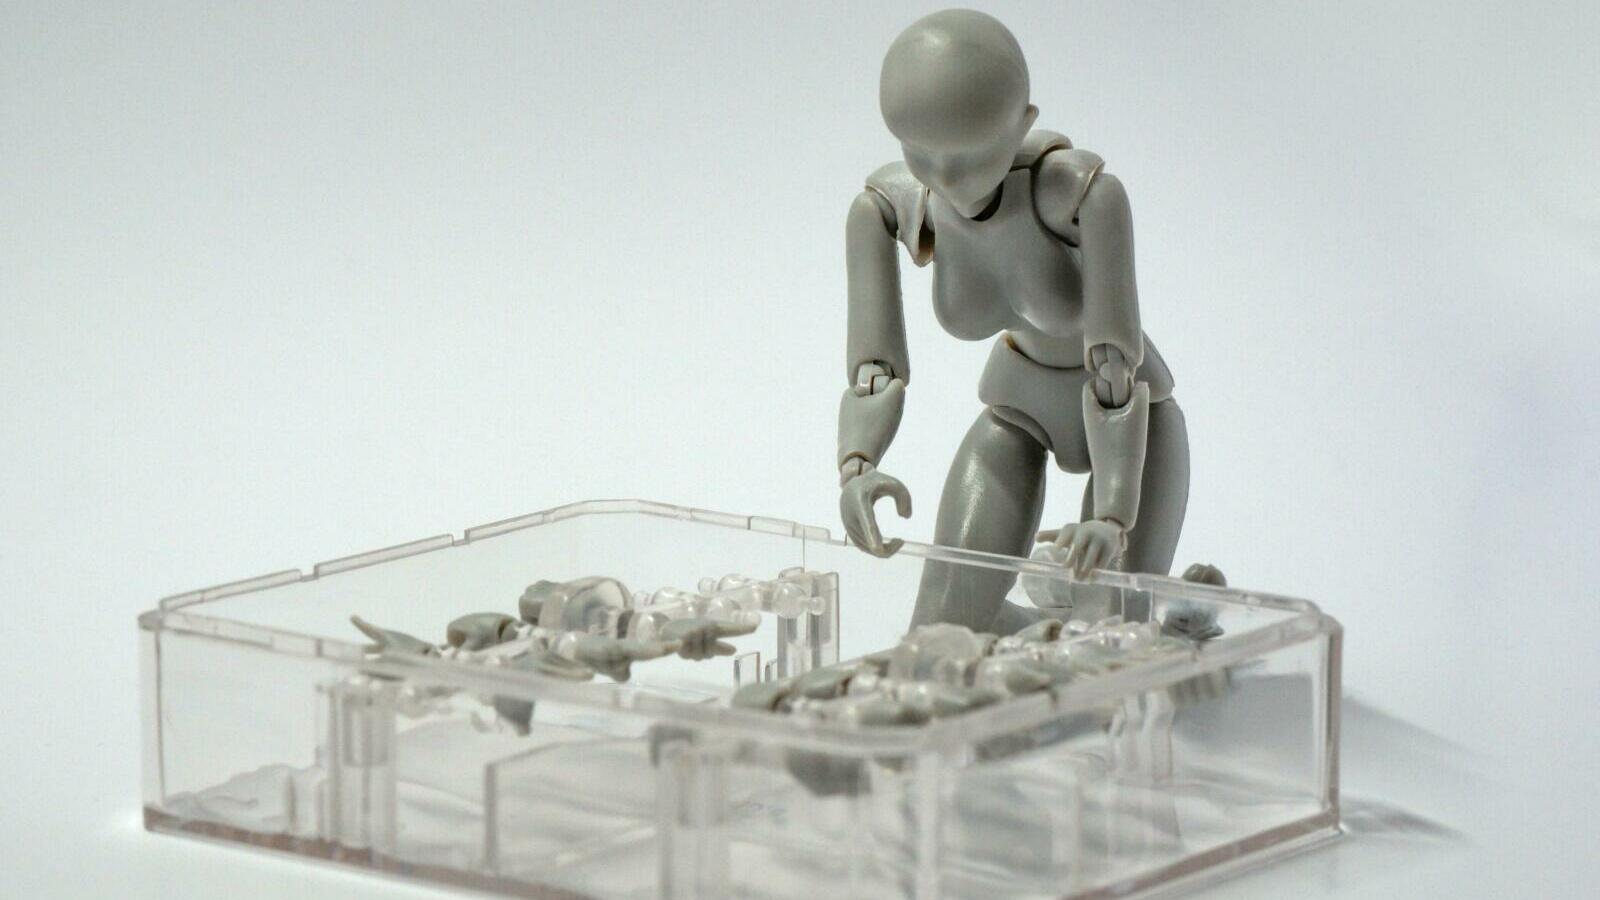 Roboter vor einem Kasten mit Roboterteilen.